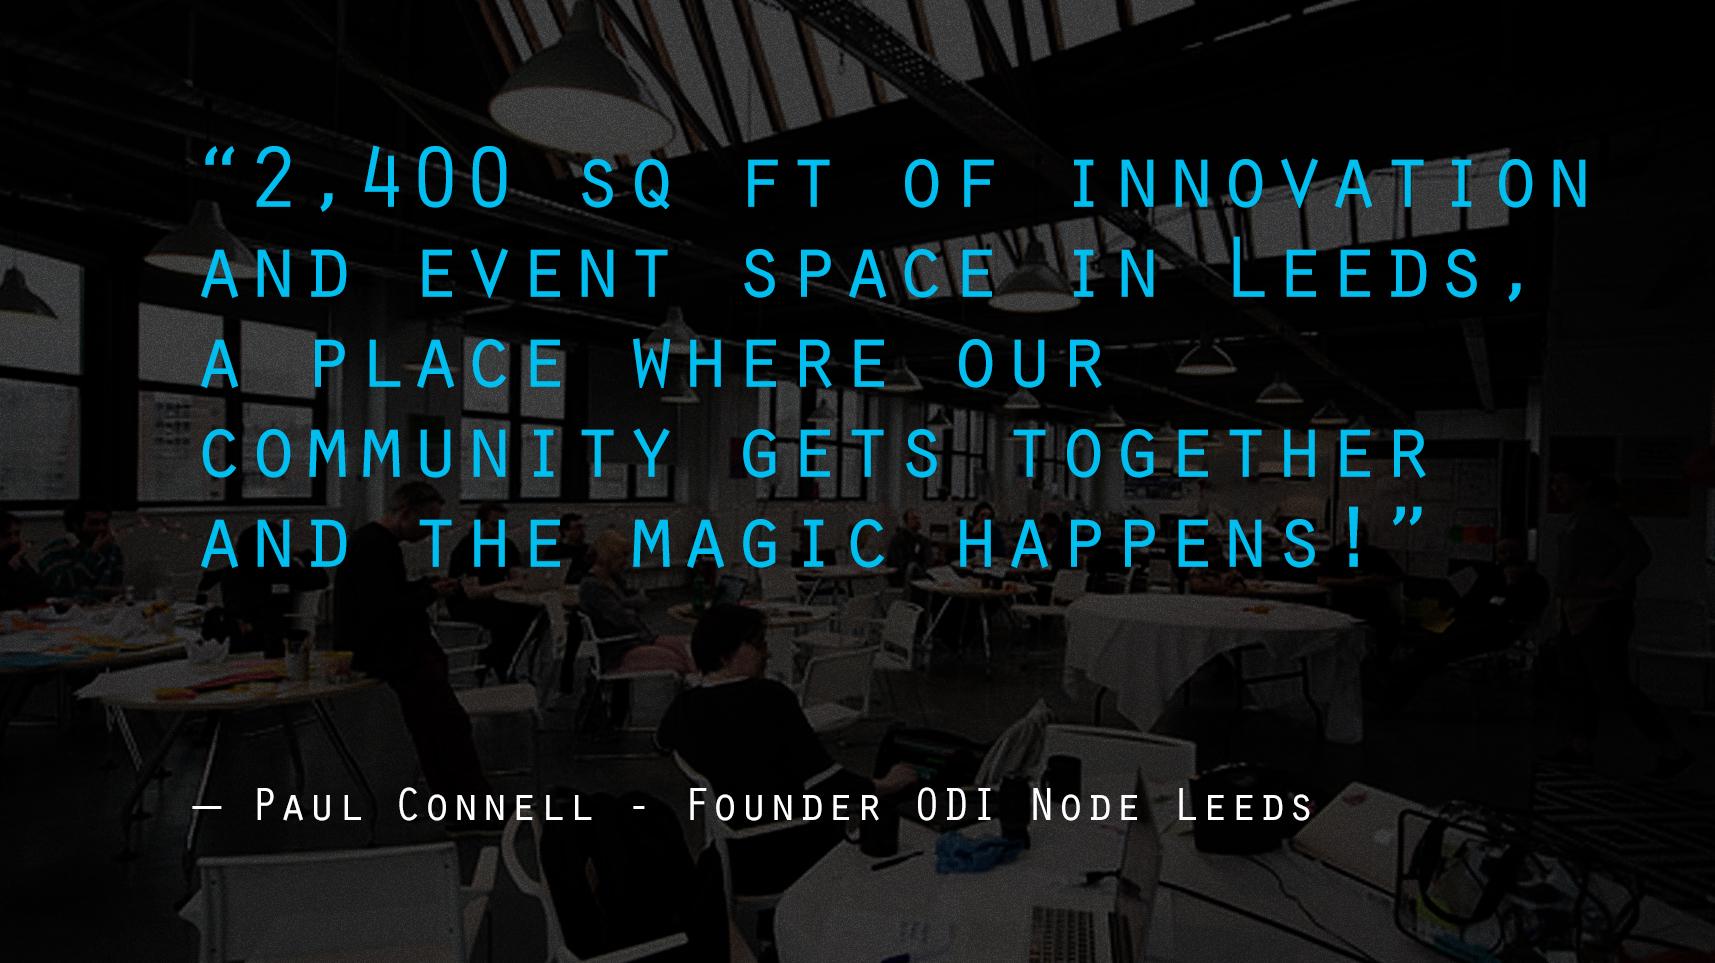 ODI Event Space Leeds